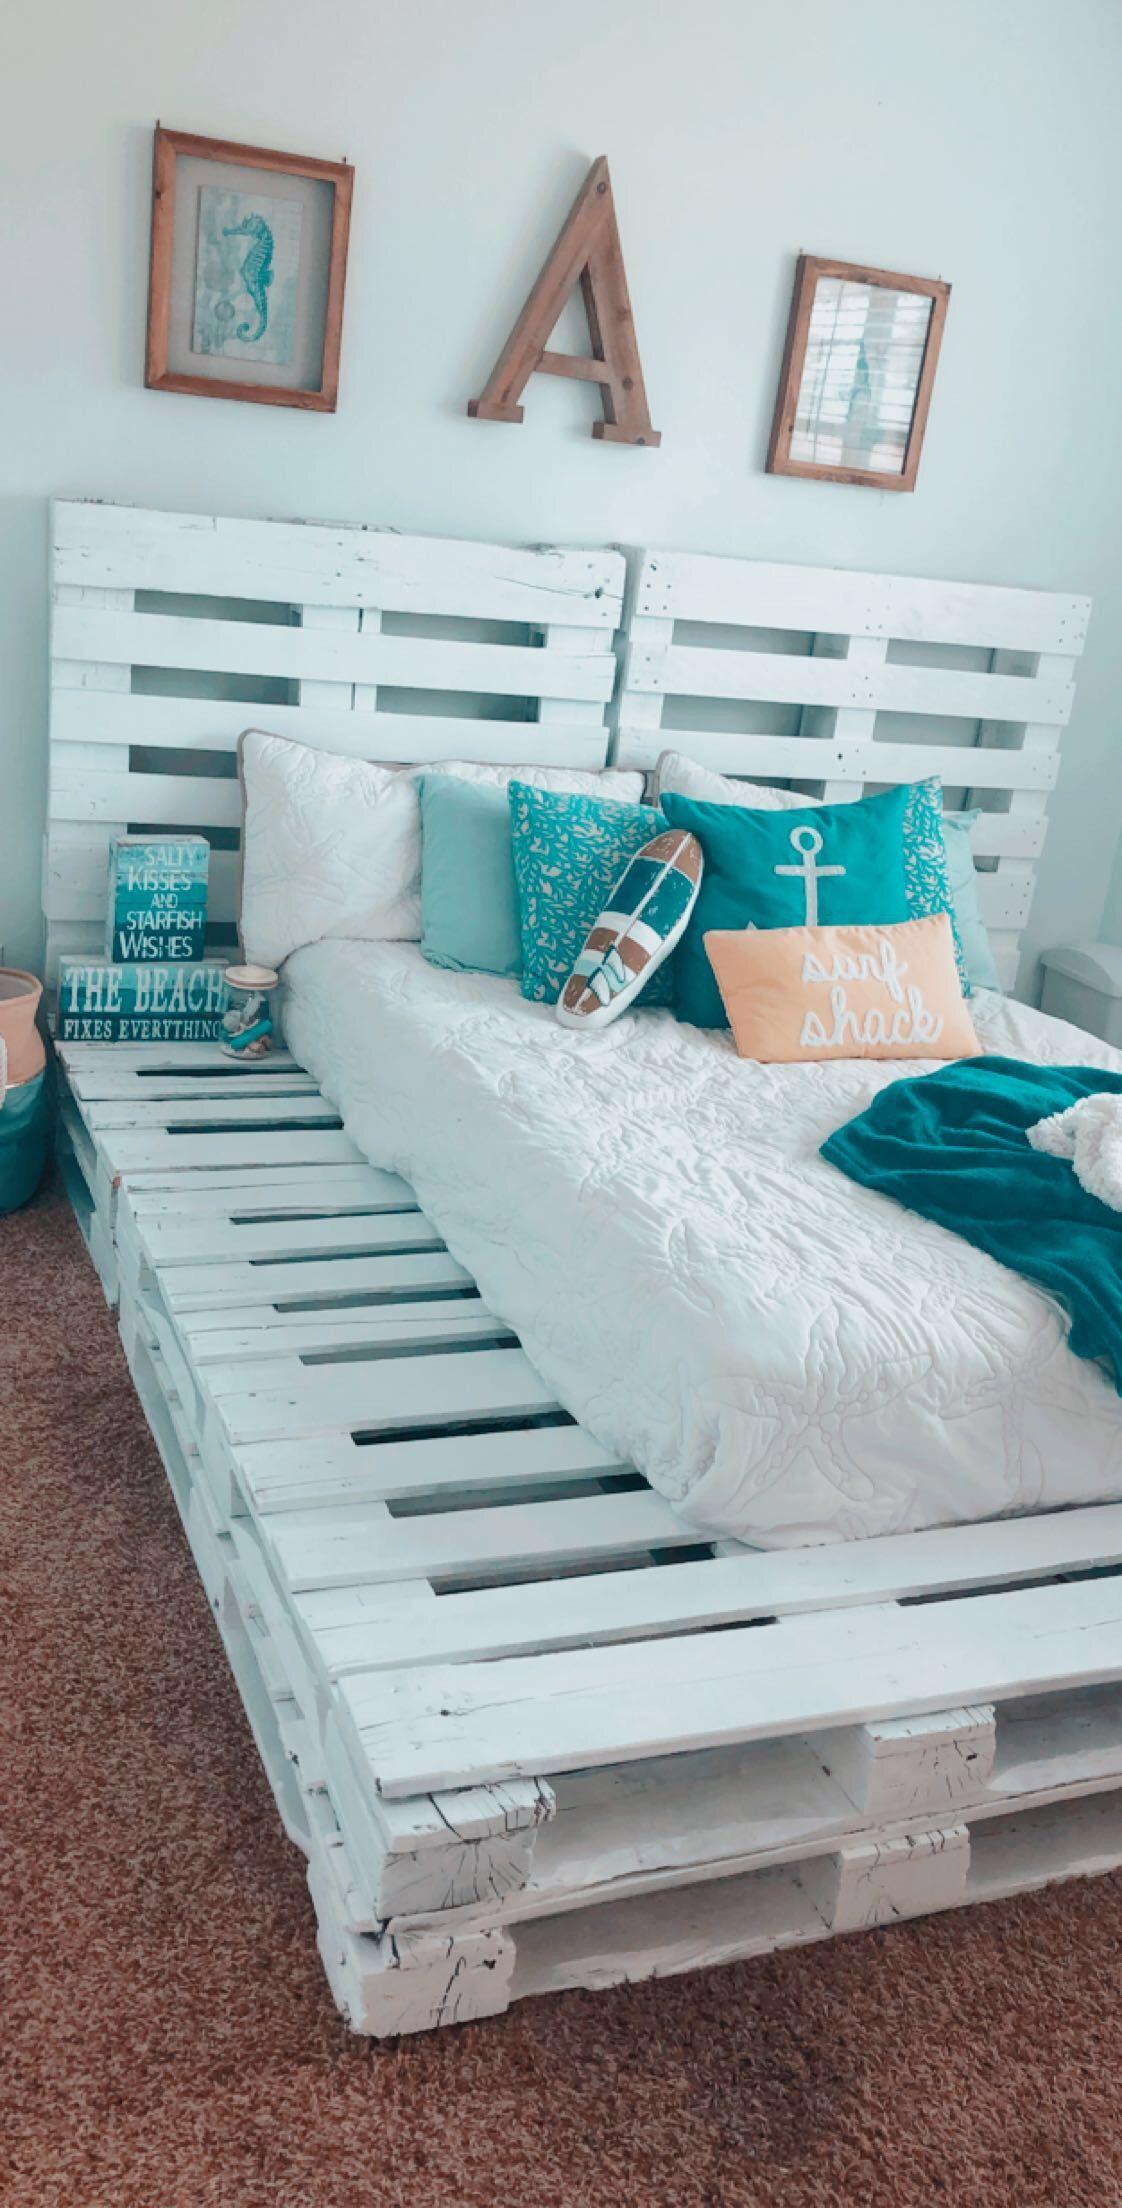 Pallet Bed Furniture Bedroom Frames Beach Decor